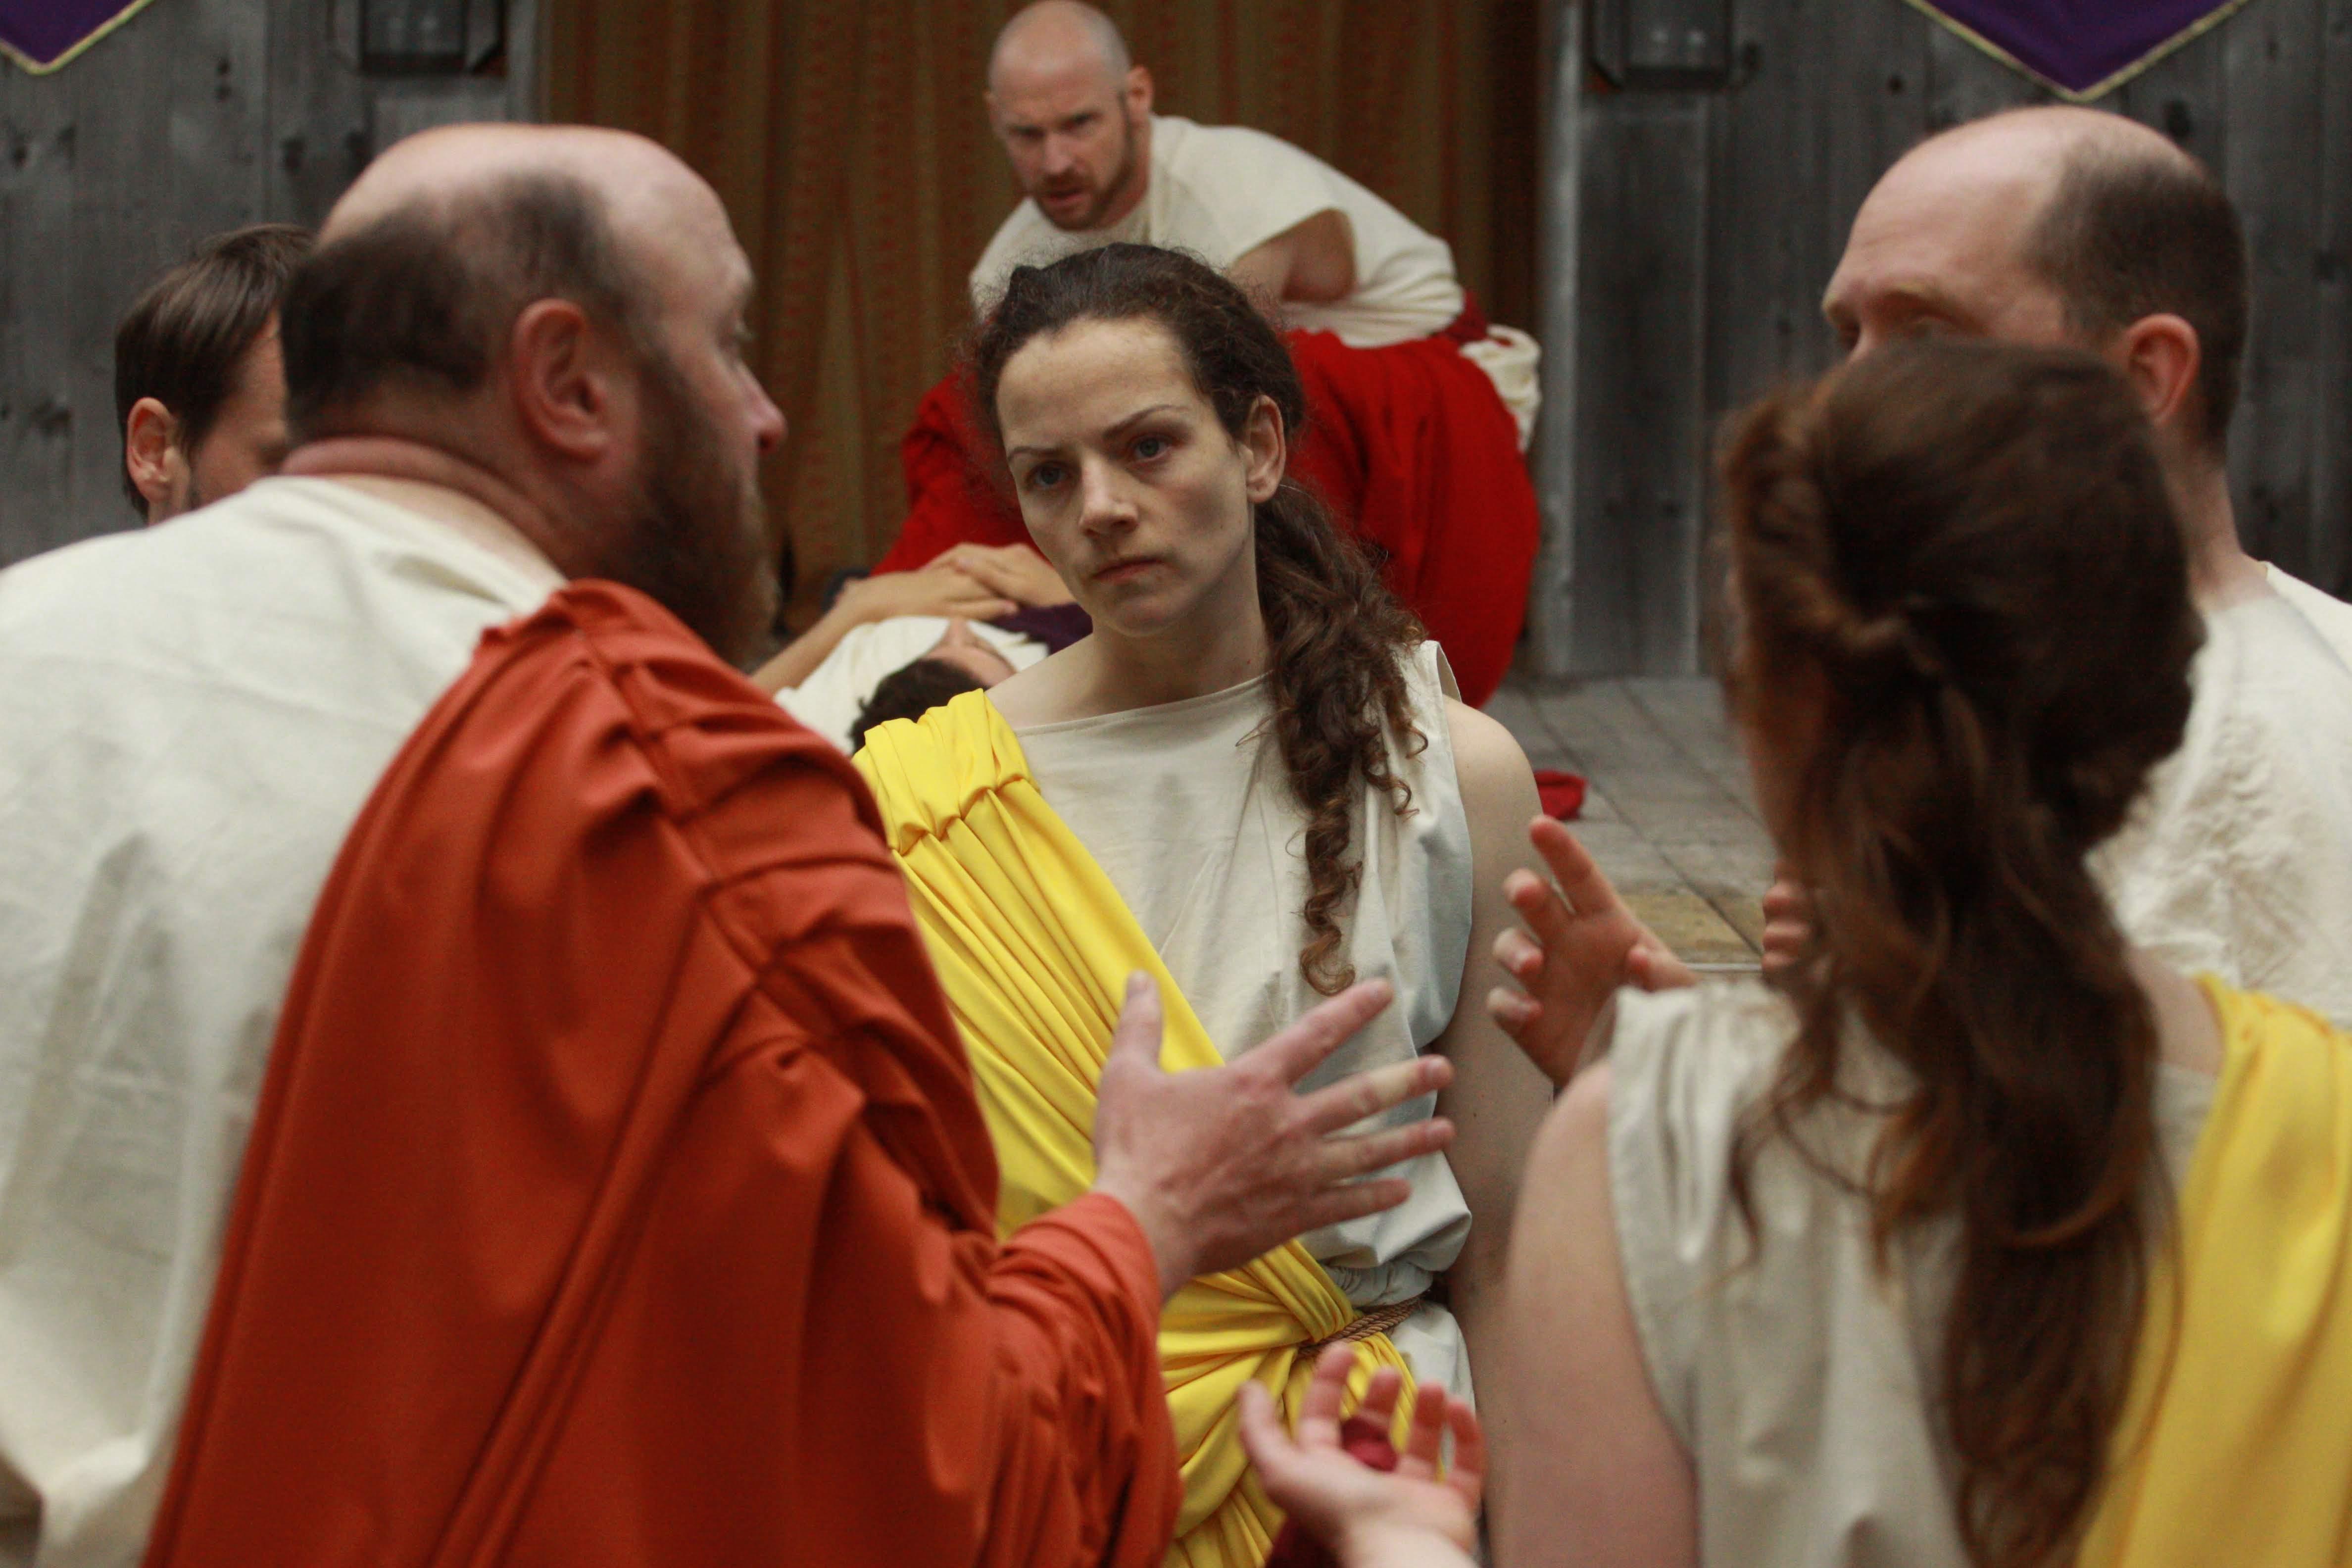 Julius Caesar Dir Danielle Irvine Perchance Theatre At